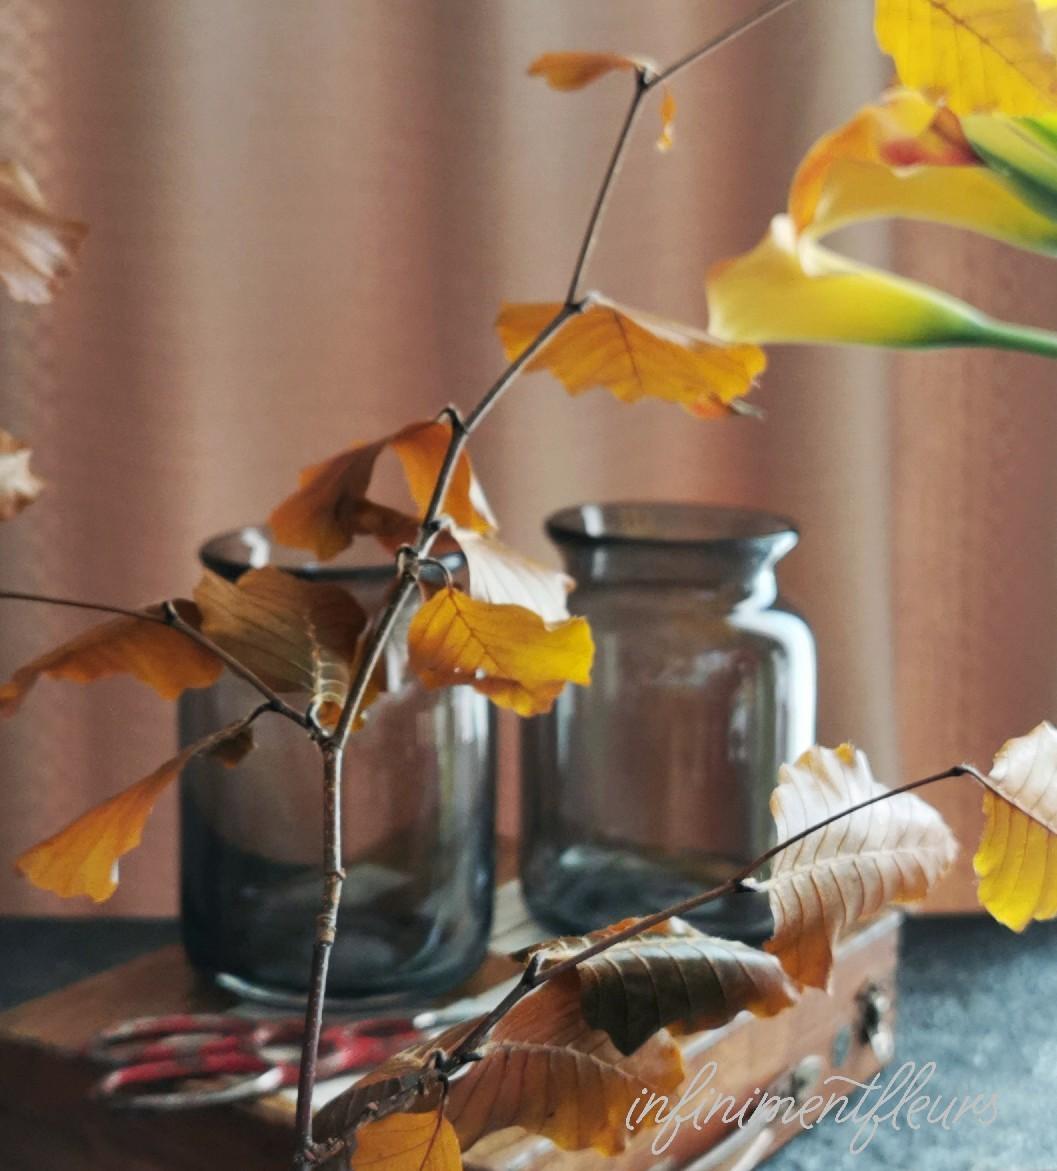 10/3㈯開催【Henry Deanの器とパリスタイルのお花】_c0382121_22141307.jpg